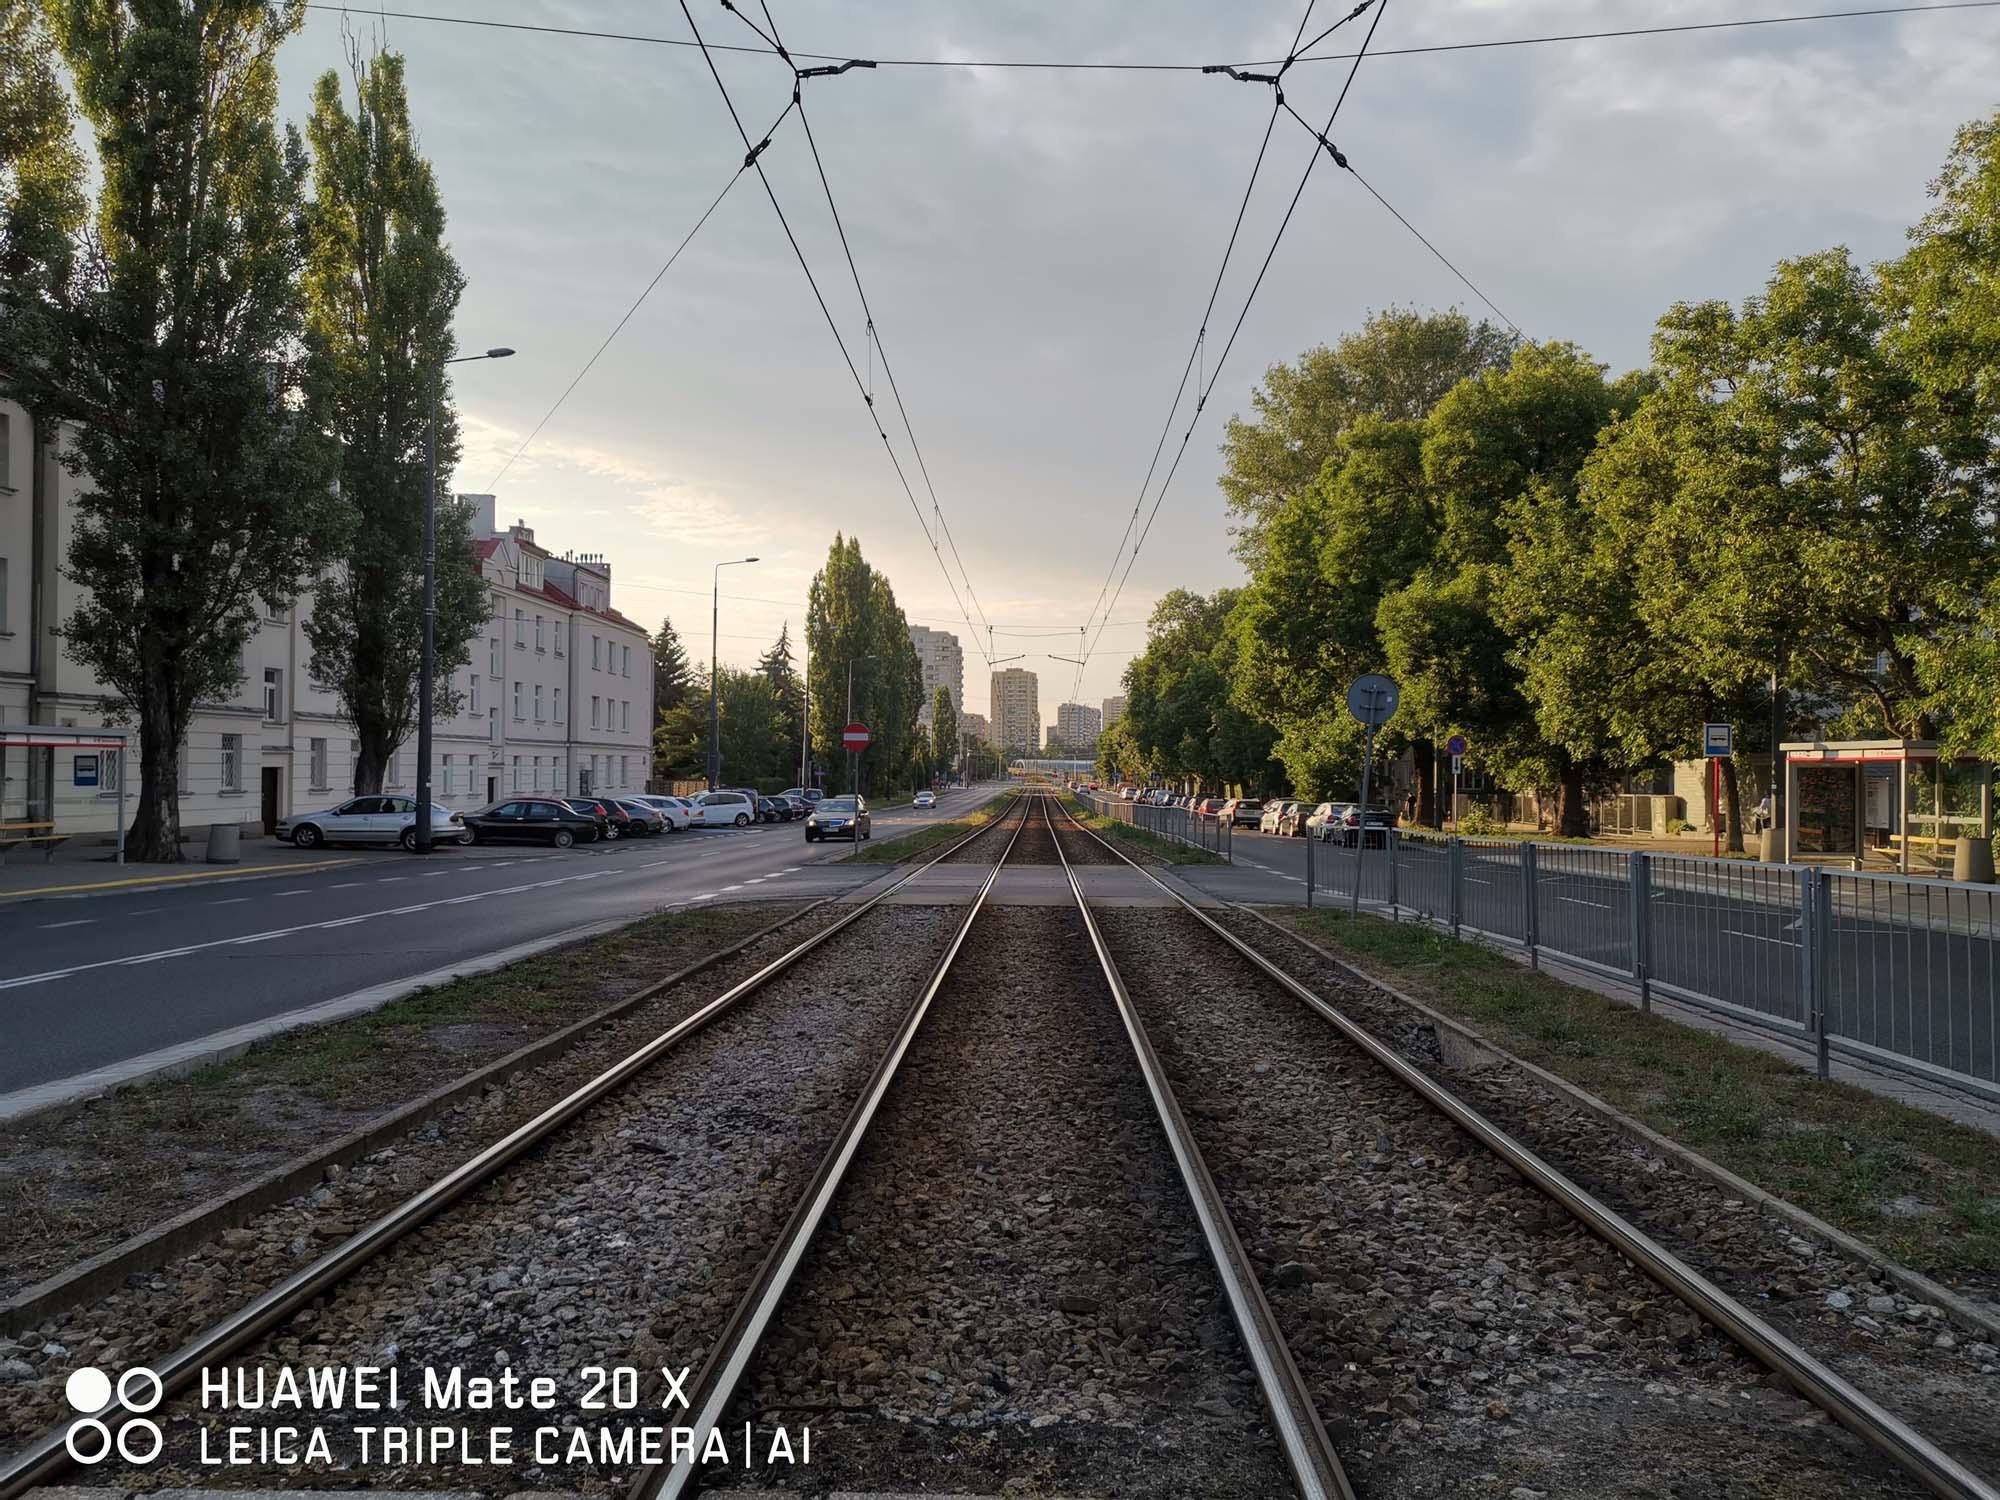 Zdjęcie z Huawei Mate 20 X 5G